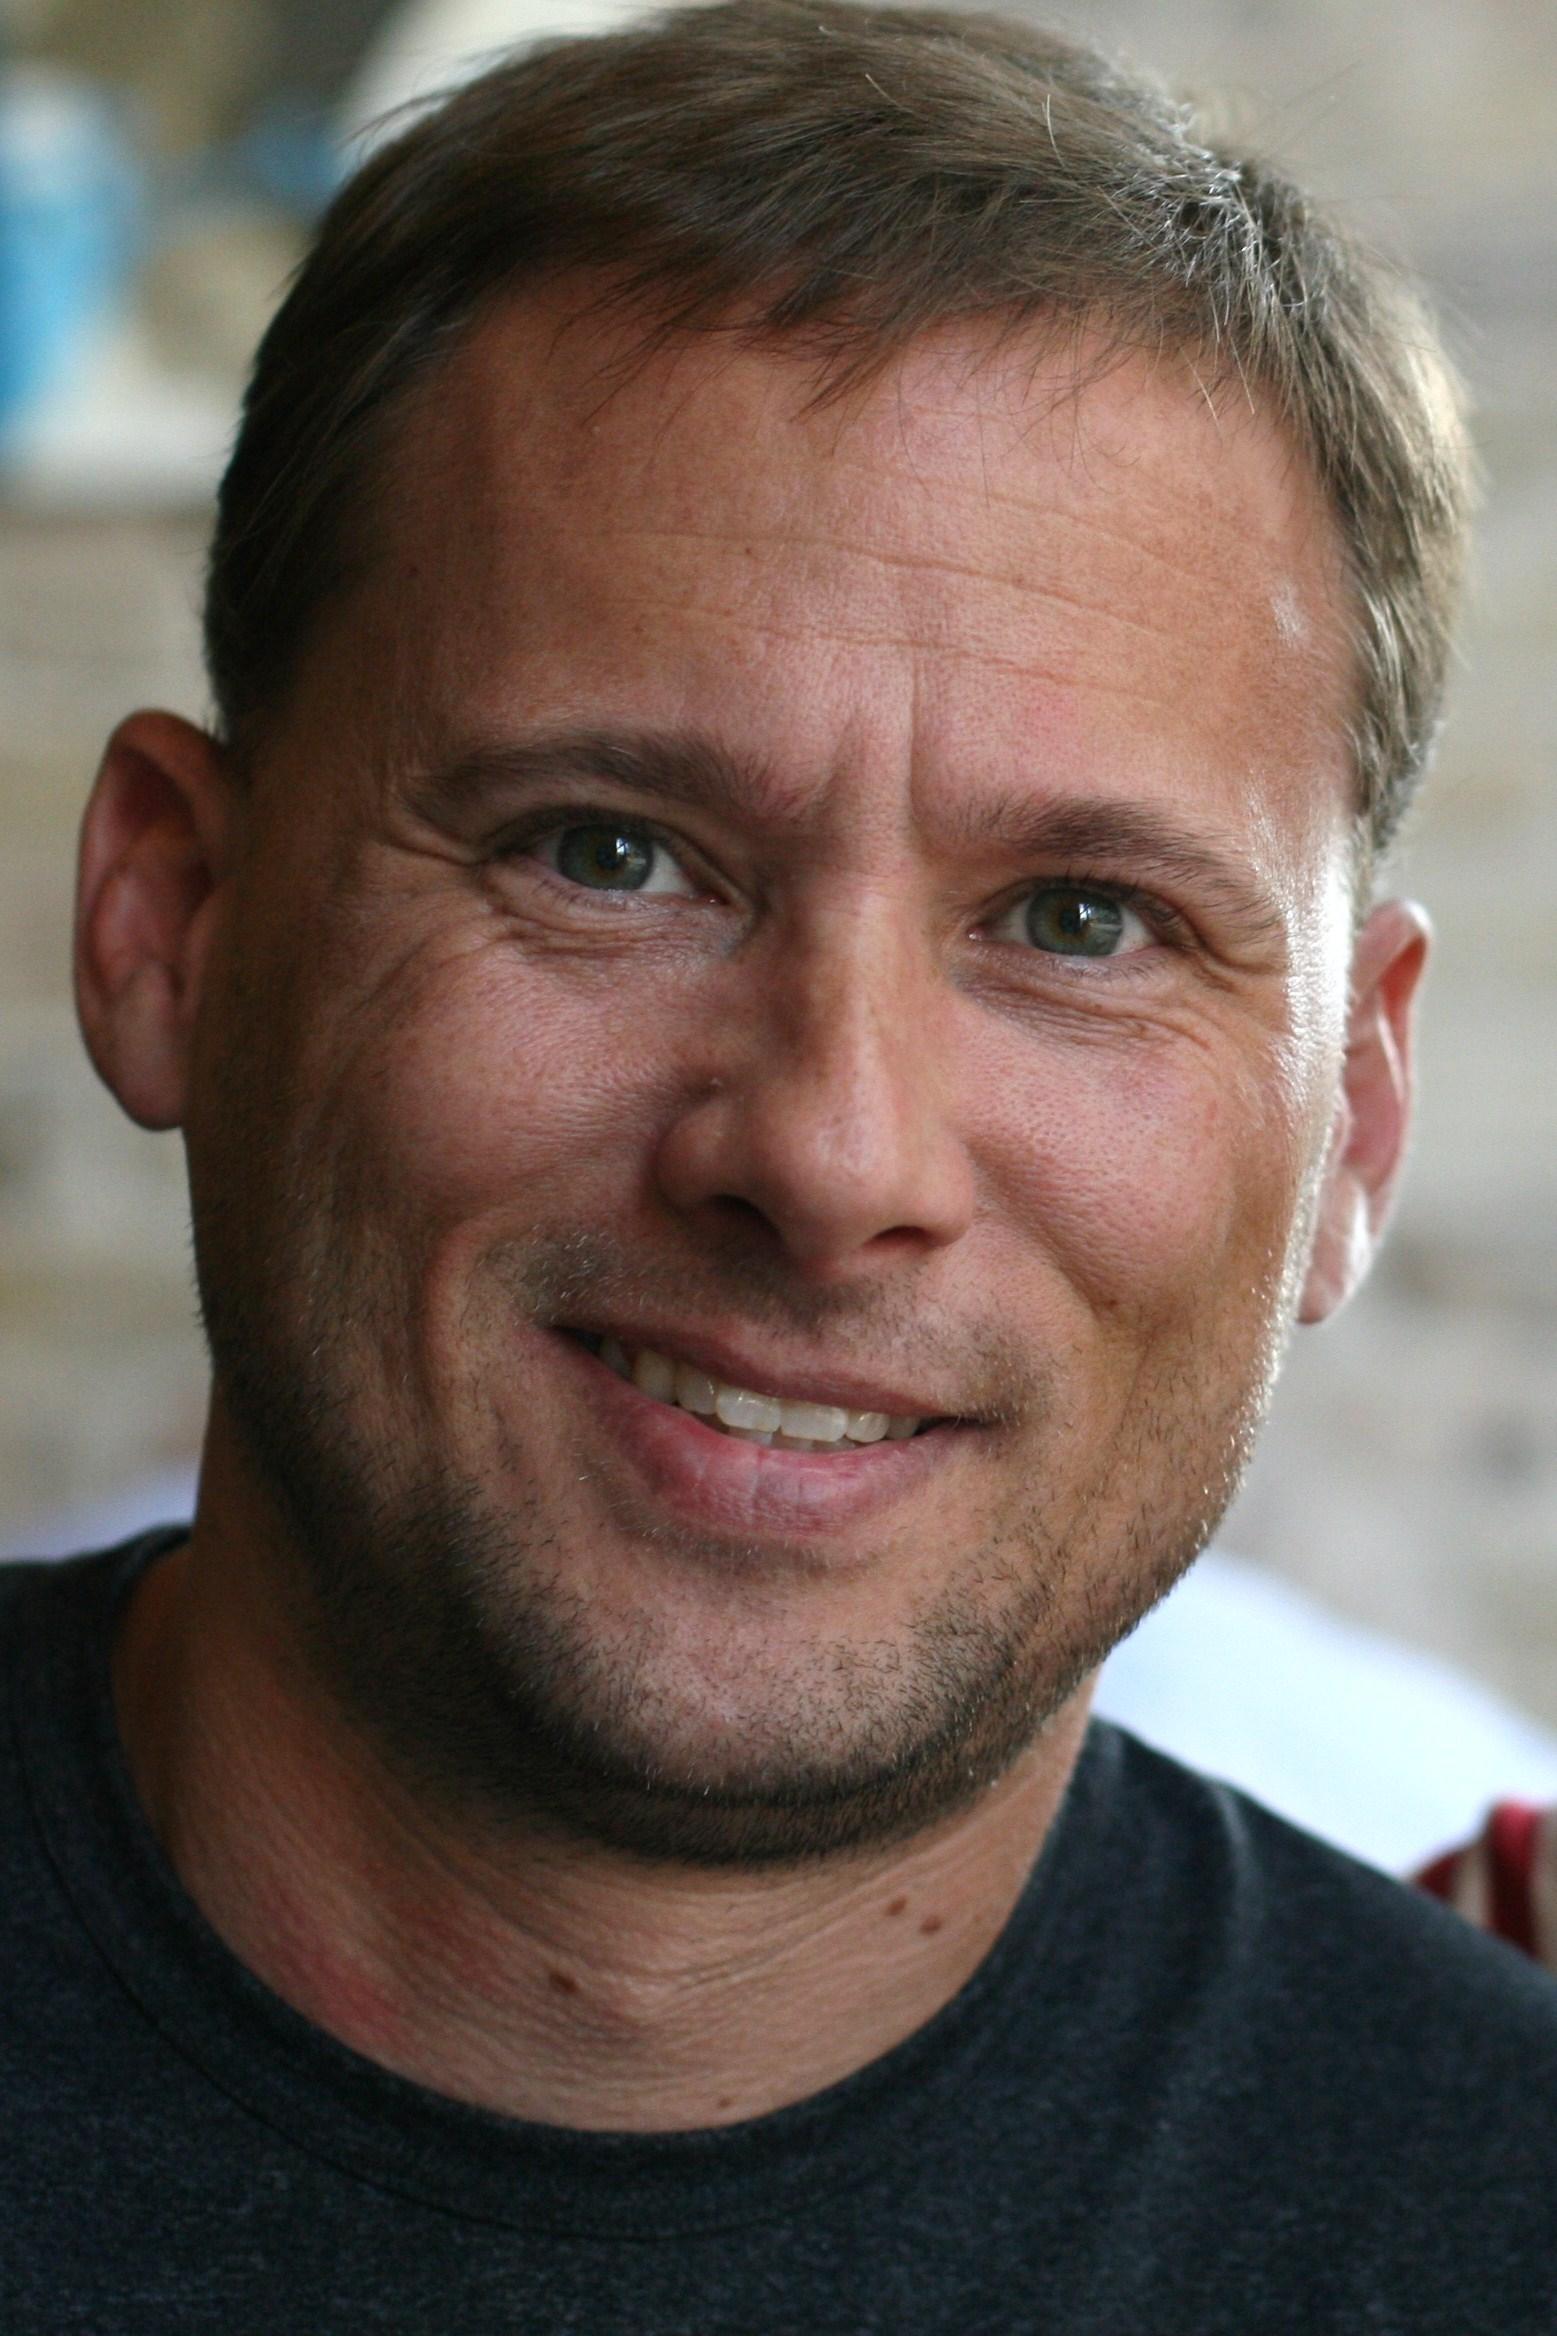 Chris Weaver